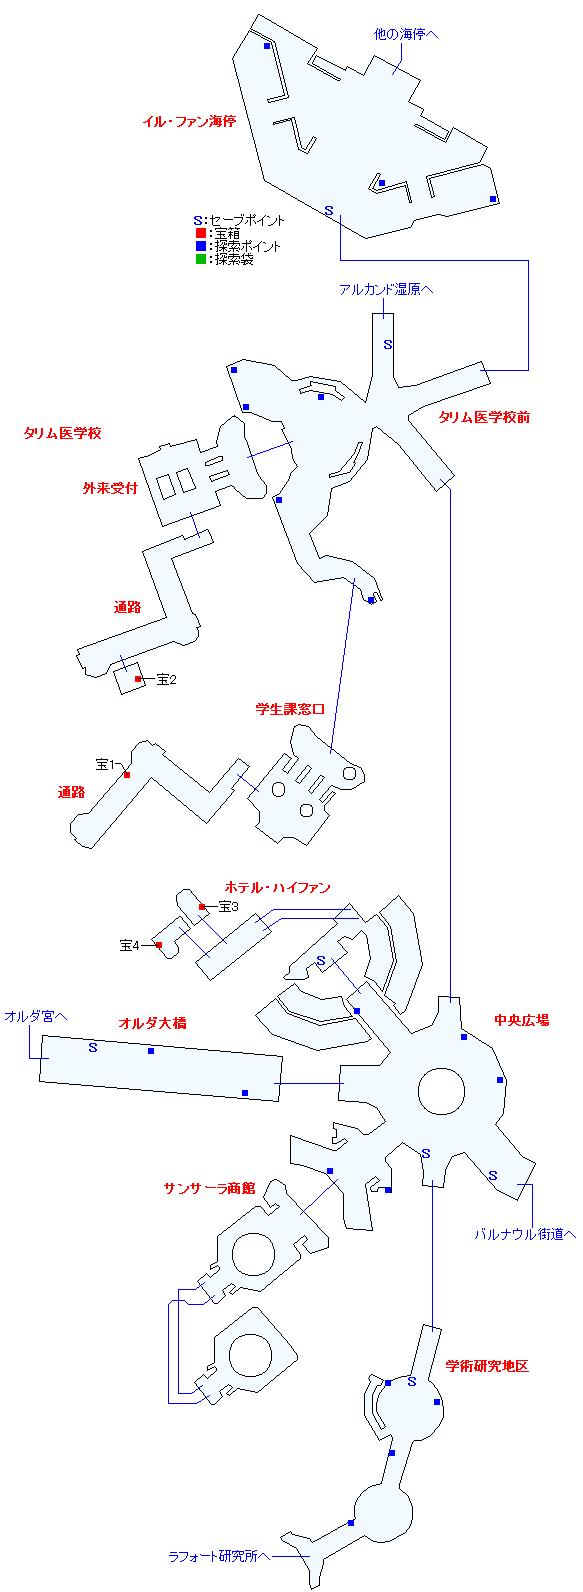 マップ画像・イル・ファン(ジュード編)